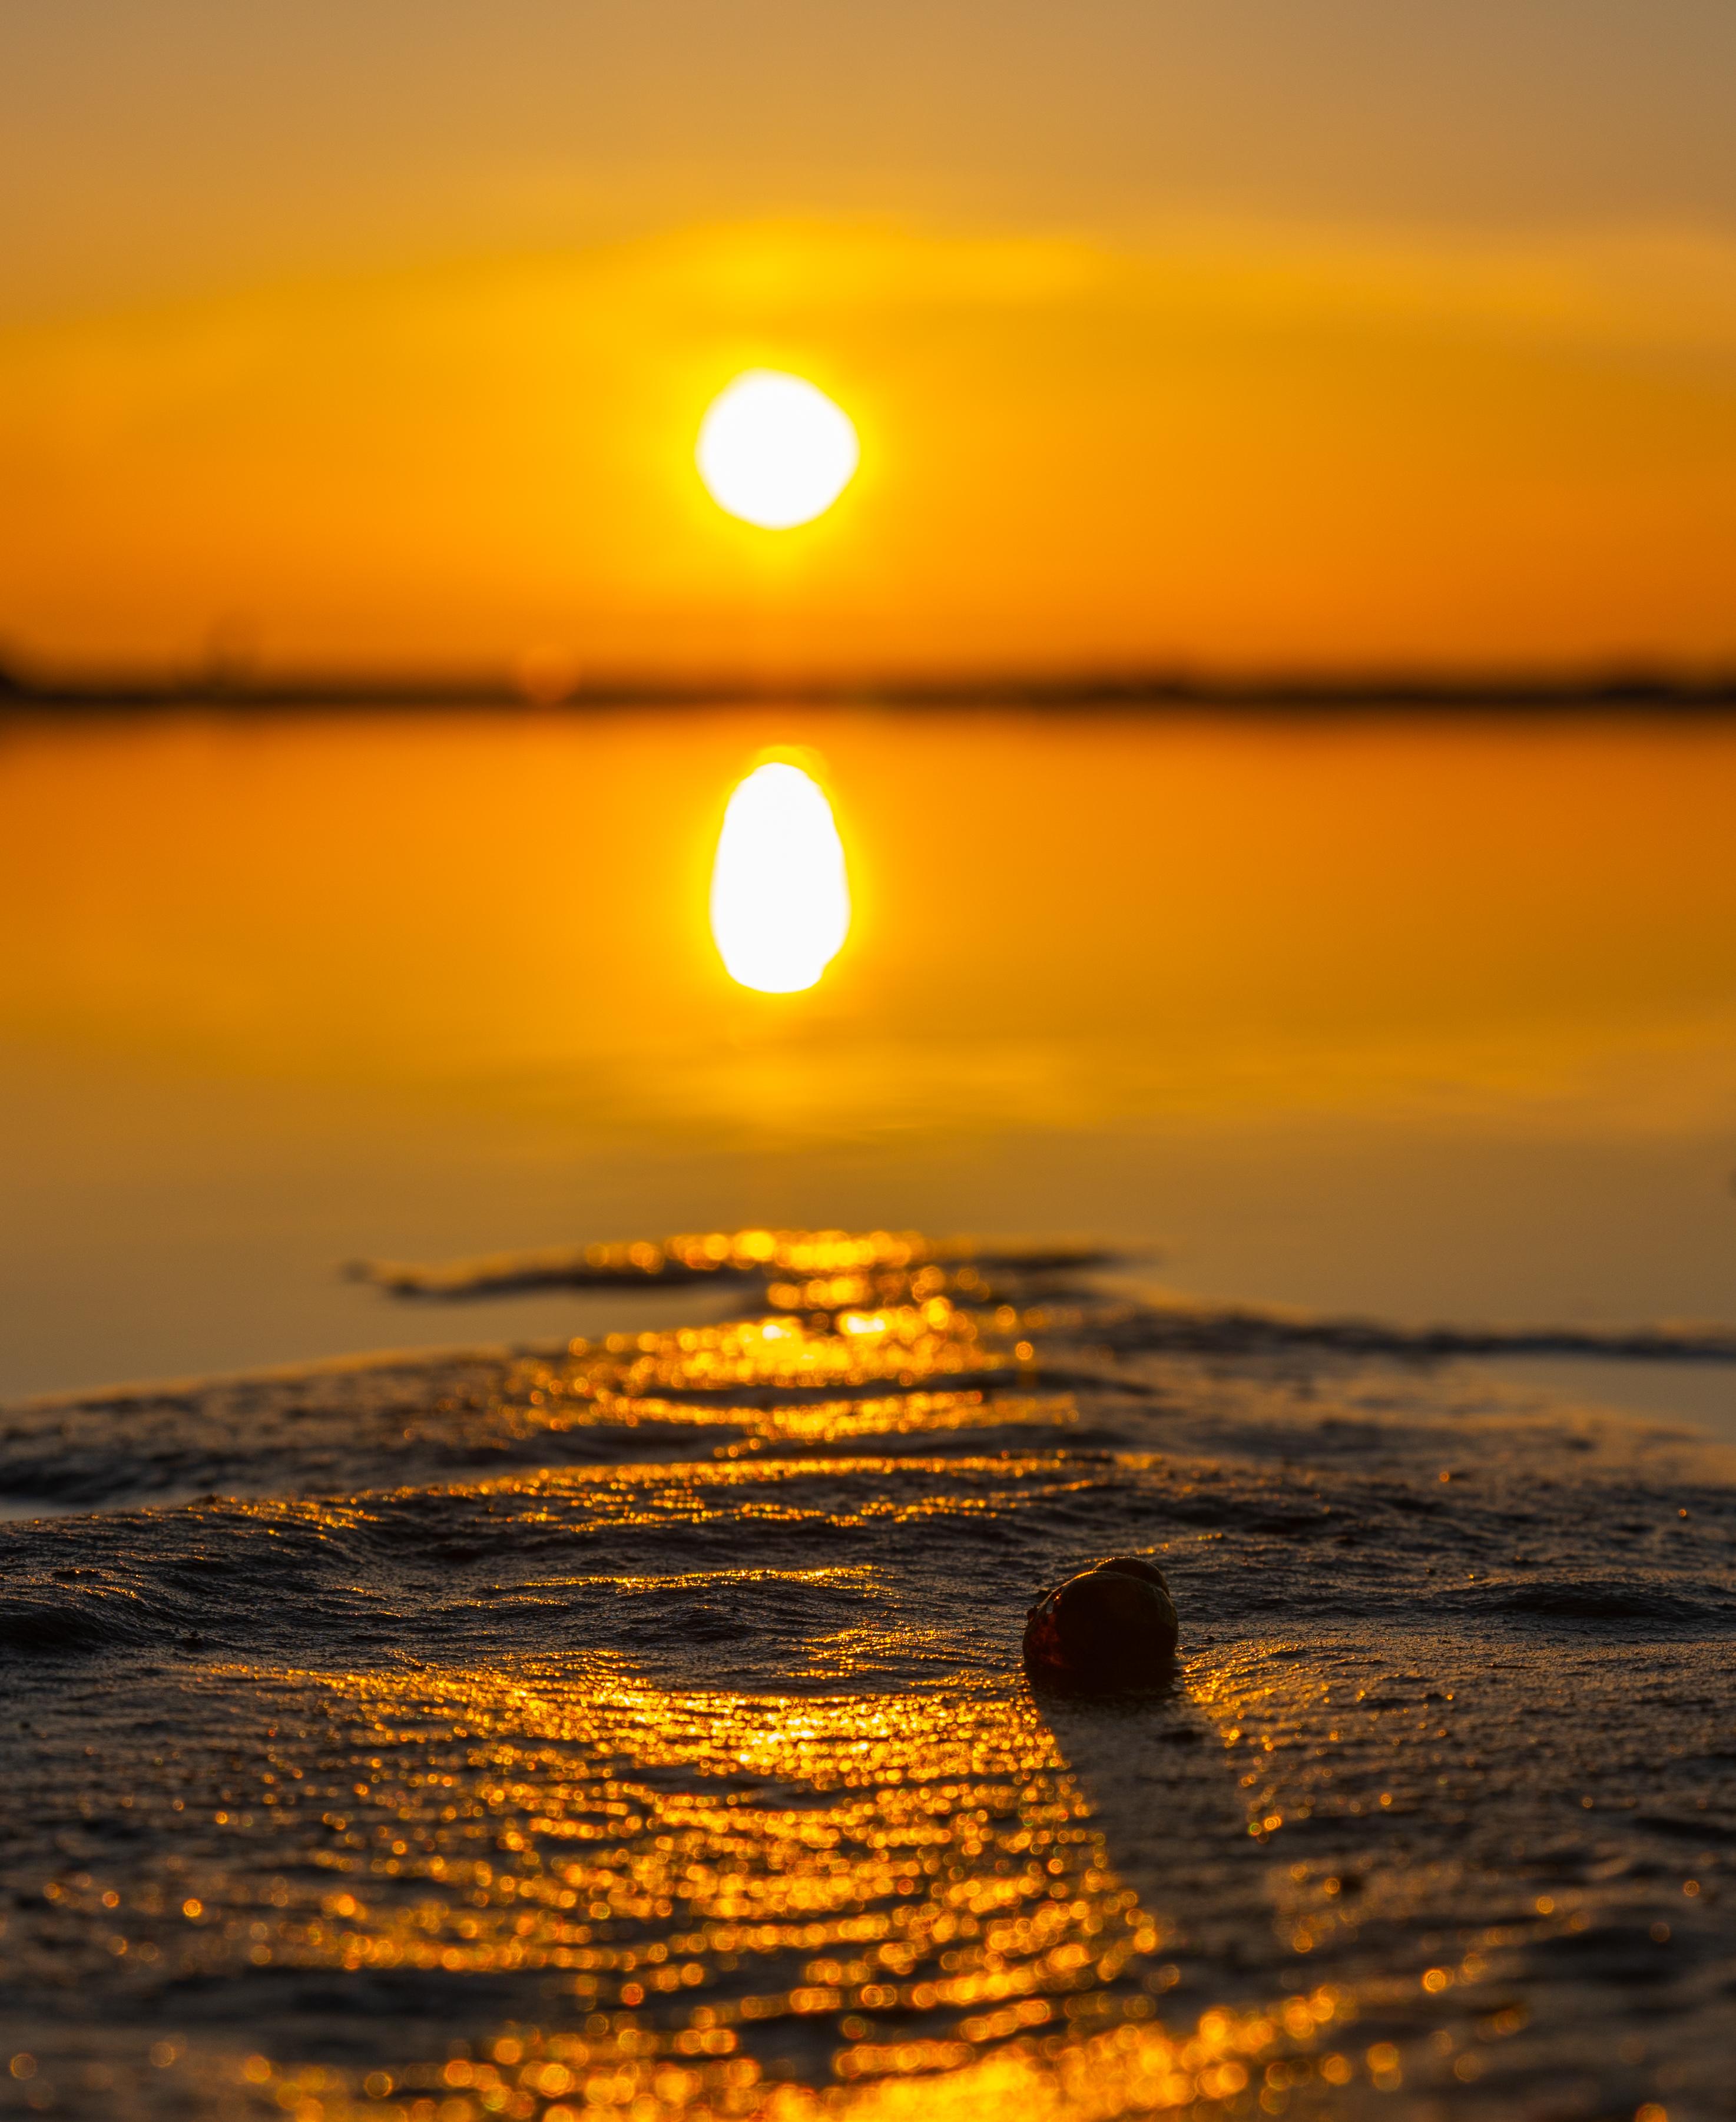 112821 Заставки и Обои Солнце на телефон. Скачать Солнце, Природа, Вода, Закат, Пляж, Песок, Отражение картинки бесплатно